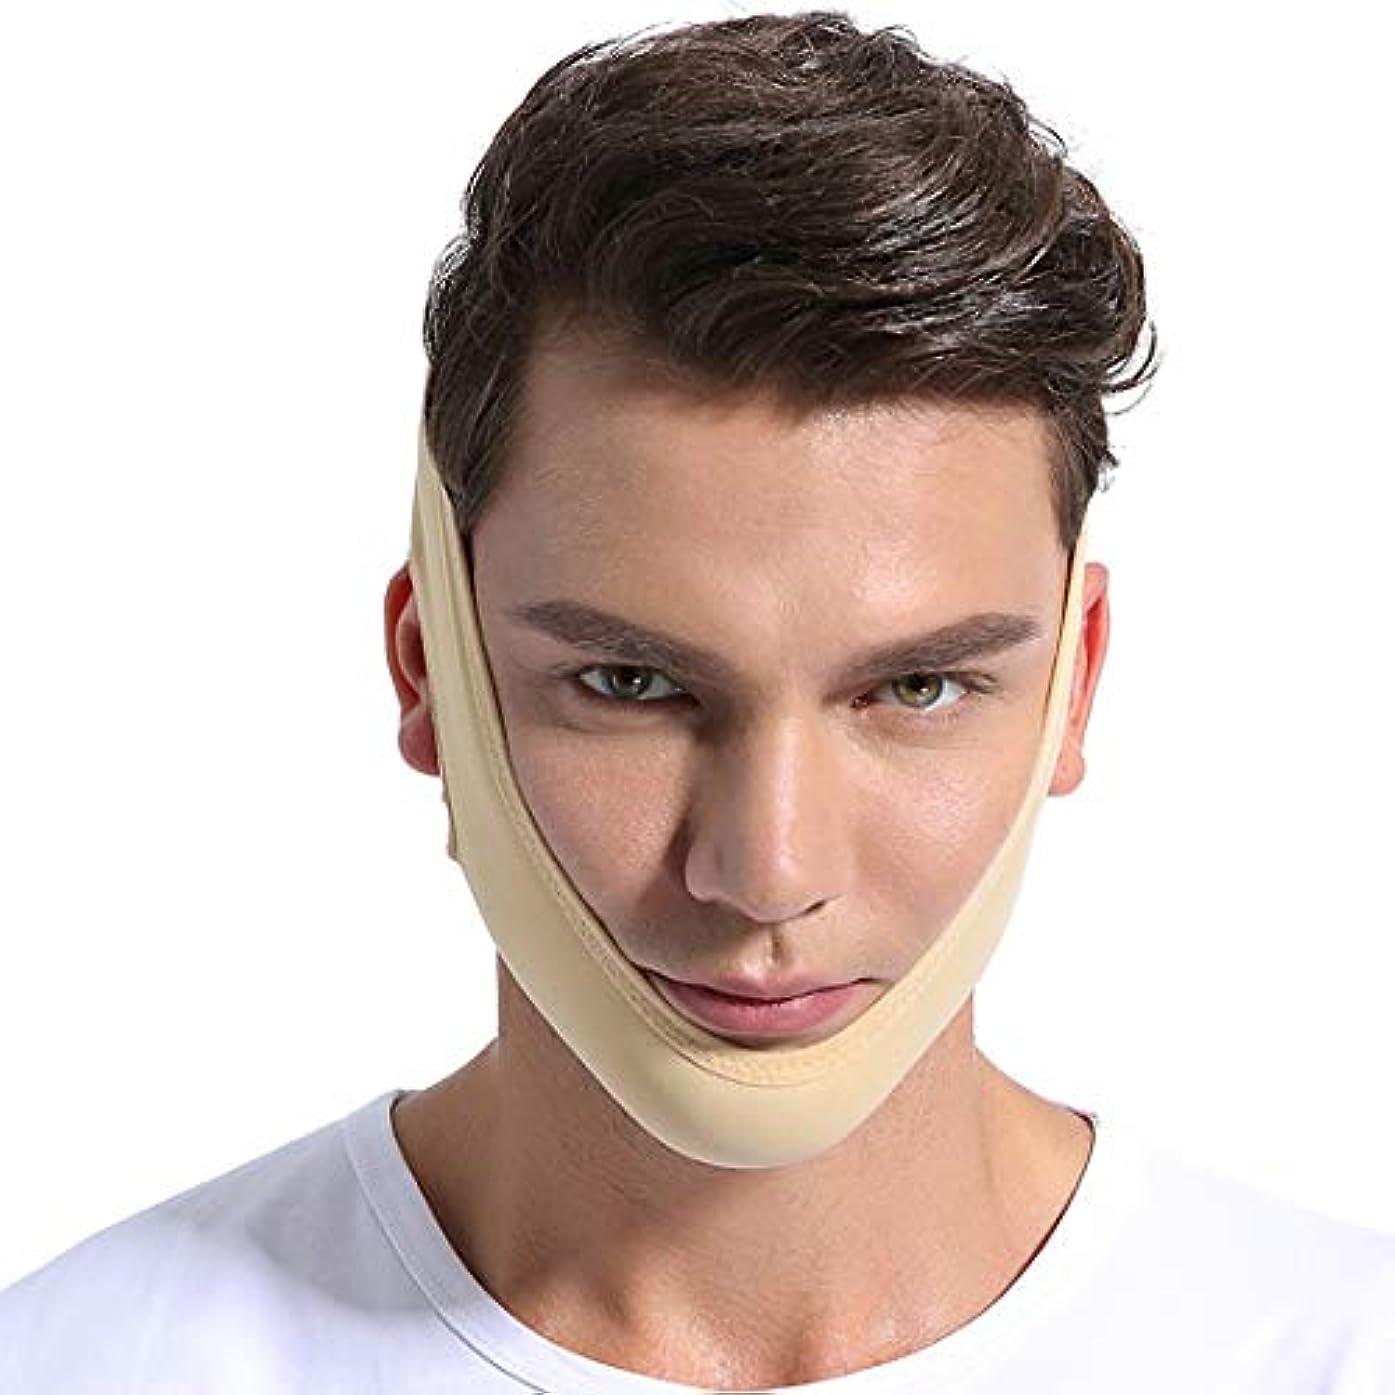 期待分布洗練されたZWBD フェイスマスク, 薄い顔包帯医療フェイスライン彫刻術後回復リフティングマスク男性の女性の顔包帯ヘッドギアv顔薄い顔アーティファクト